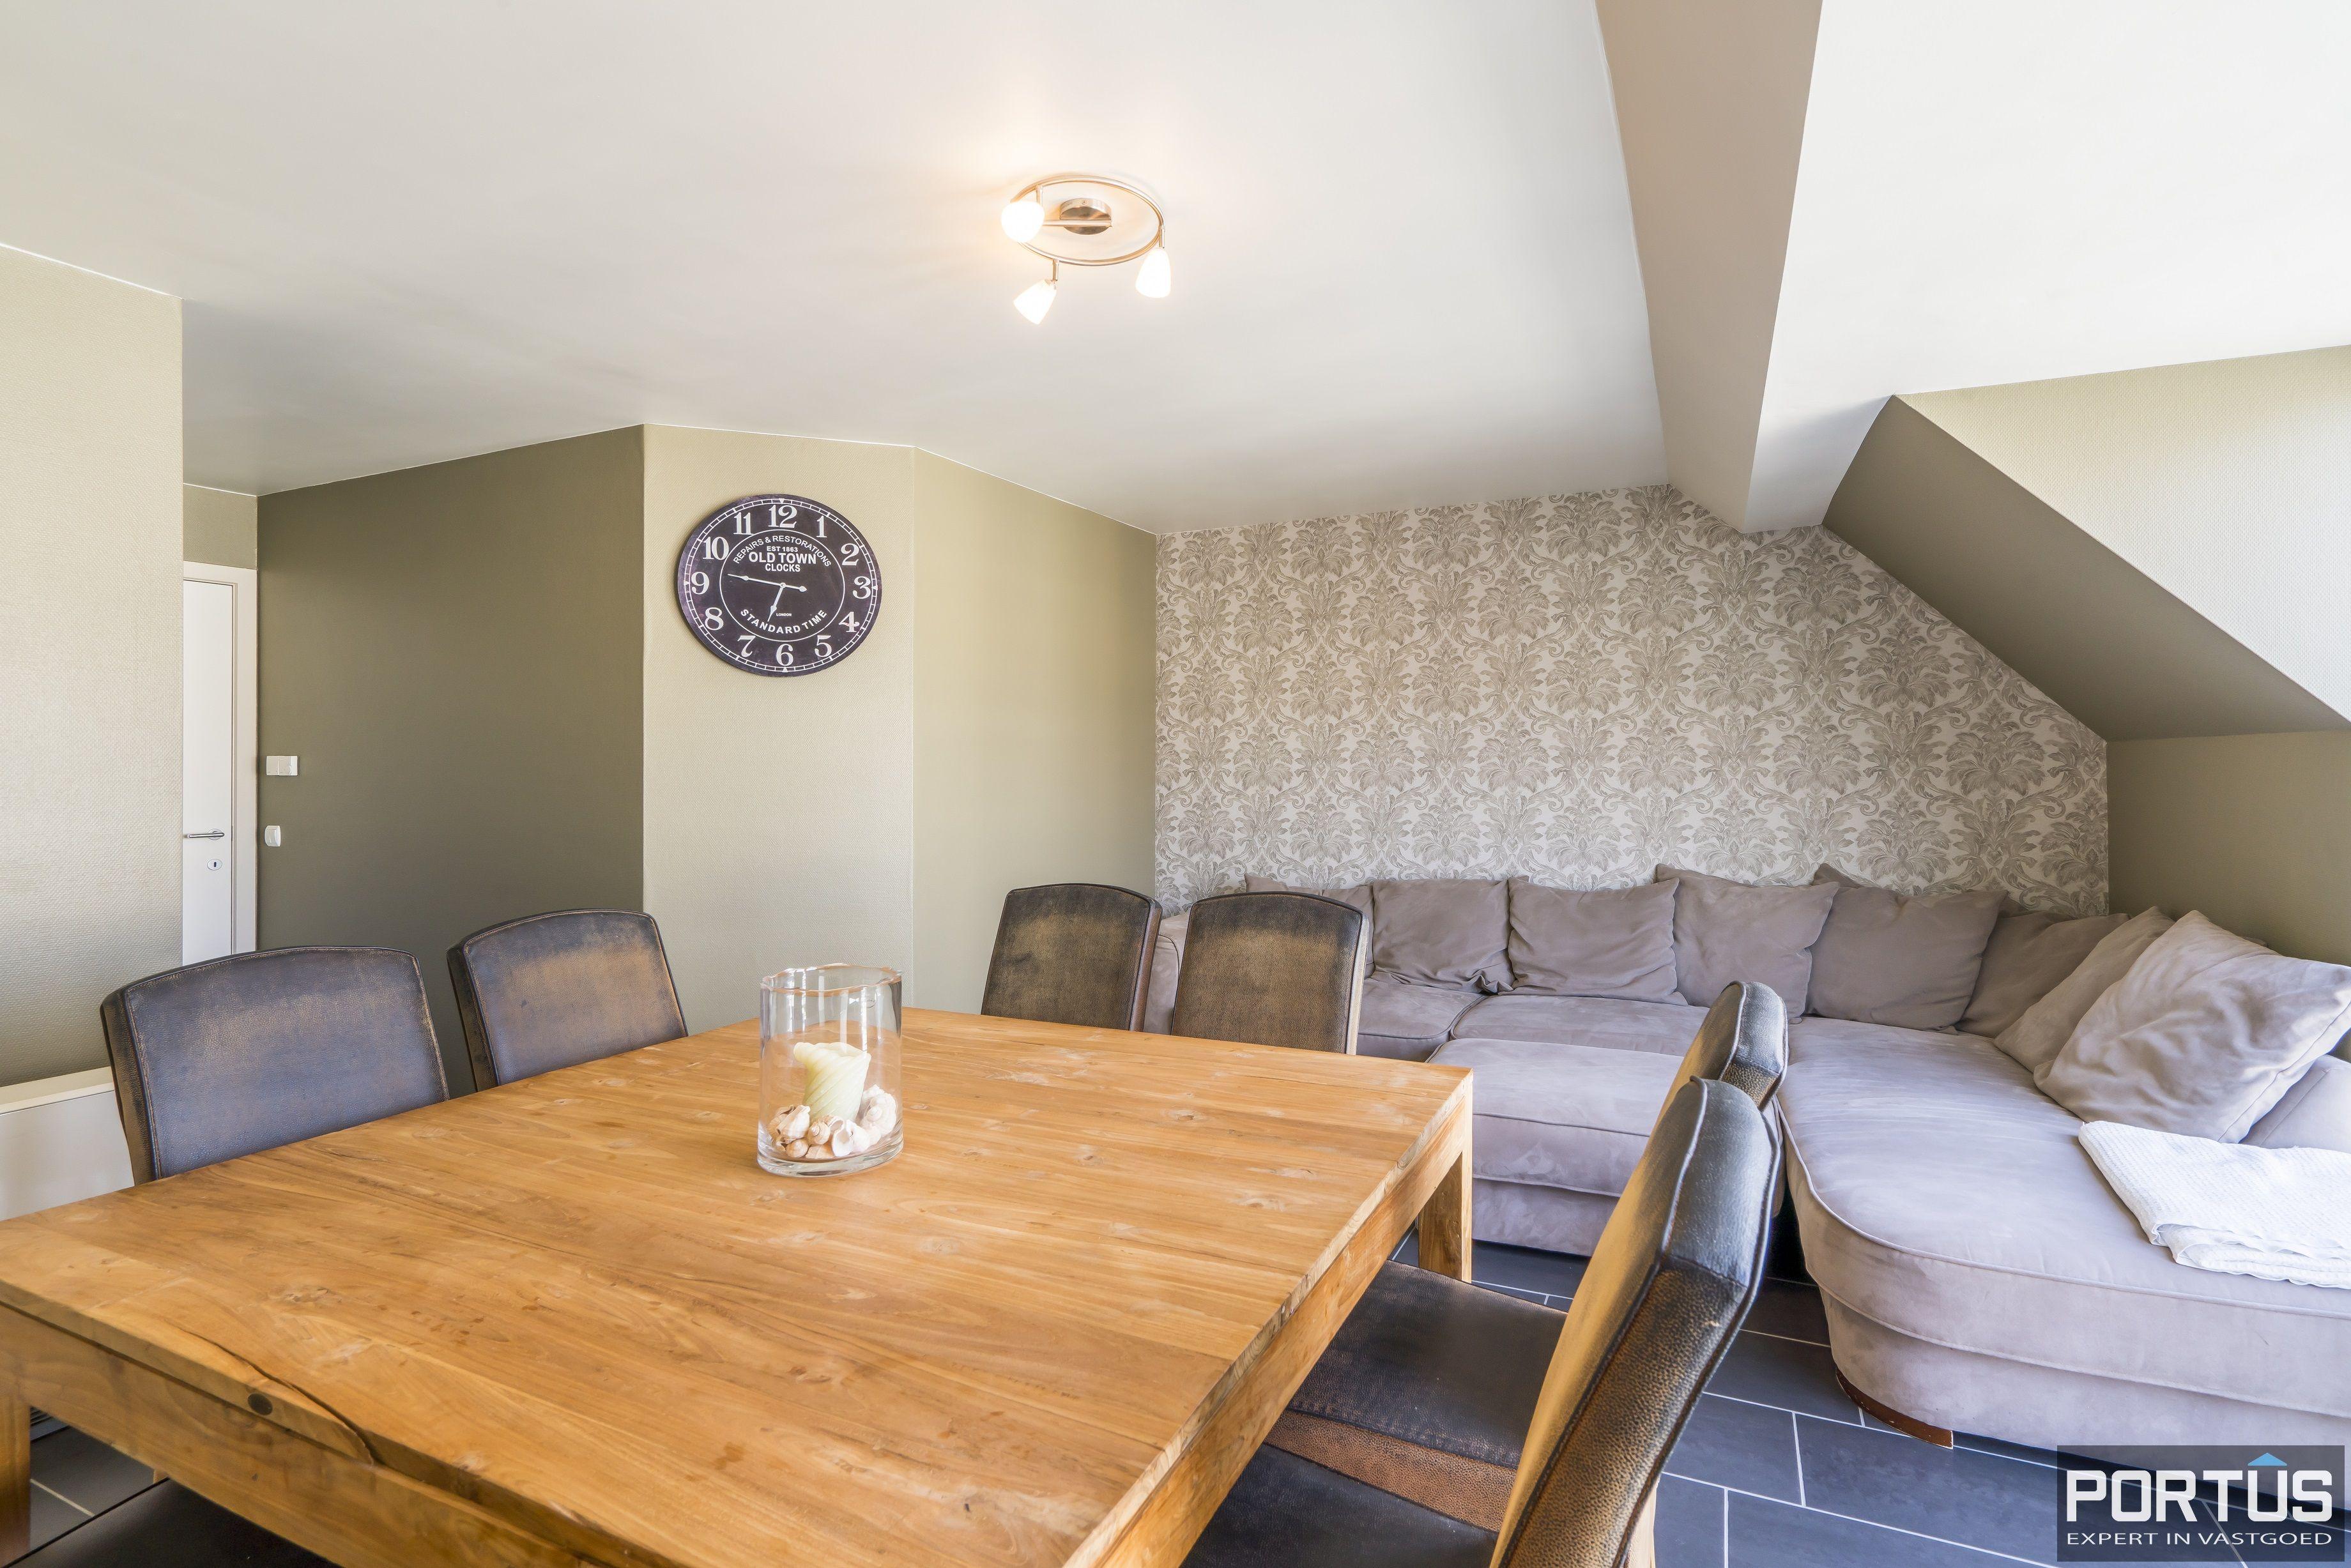 Appartement op wandelafstand van het strand te koop te Nieuwpoort-Bad - 13537